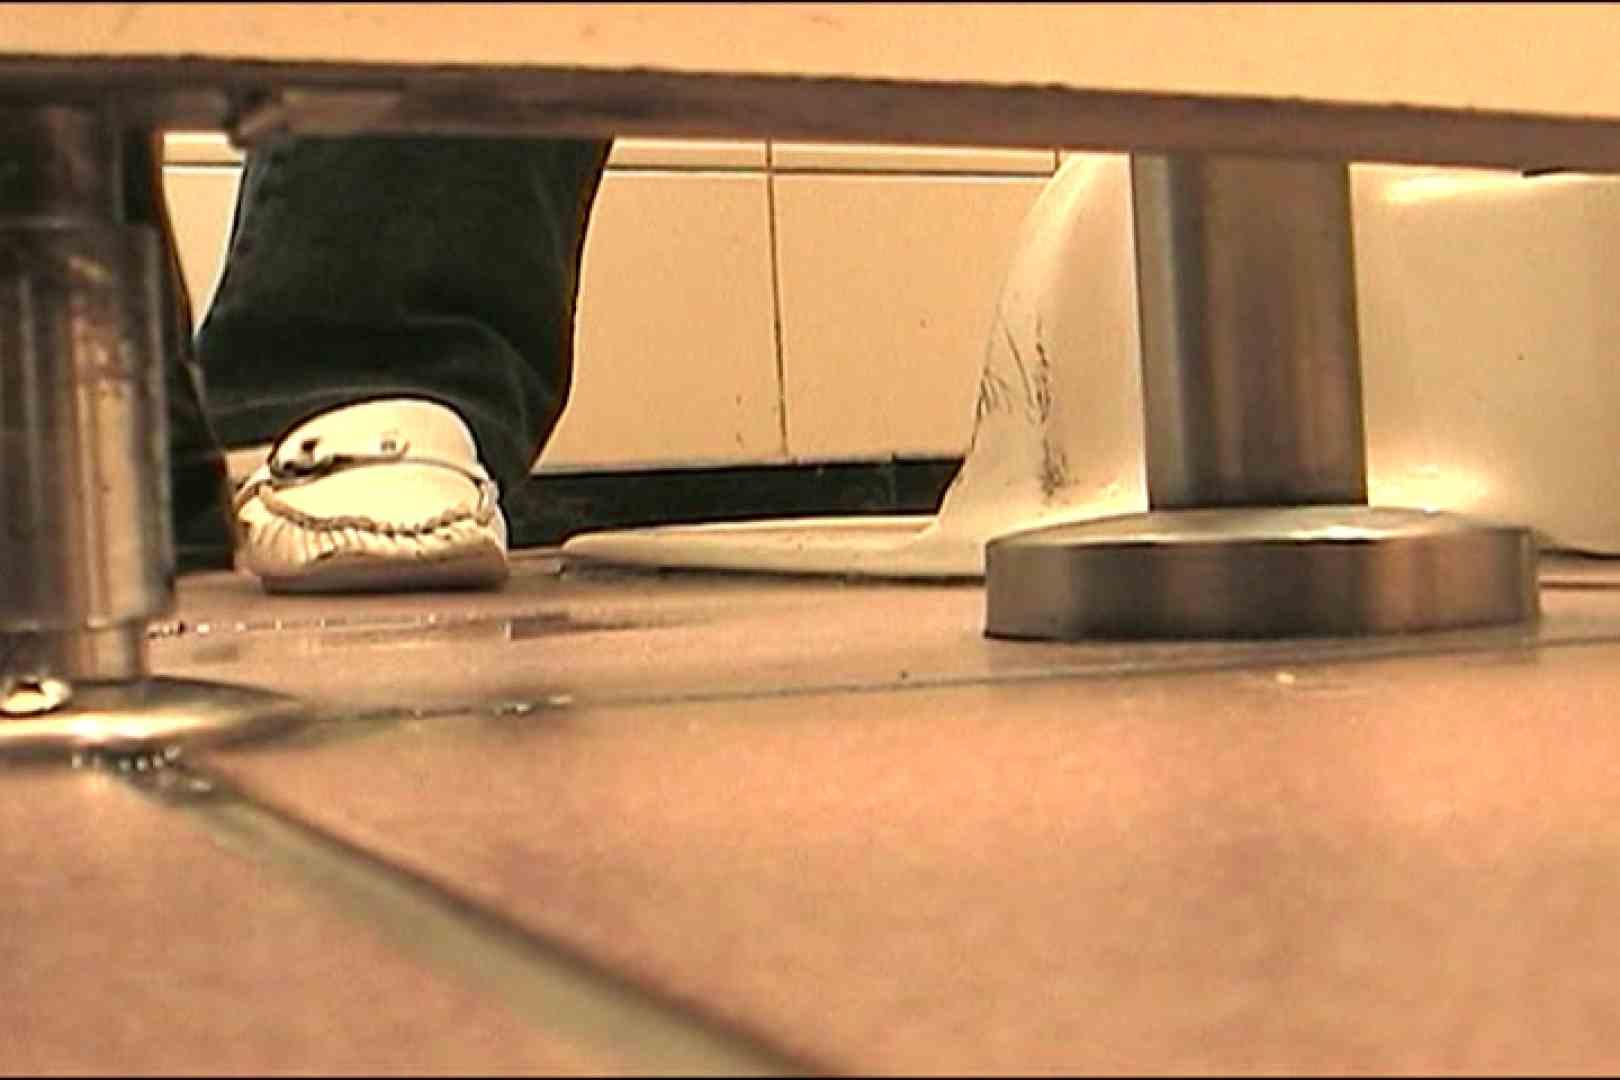 マンコ丸見え女子洗面所Vol.44 ぱっくり下半身 オマンコ動画キャプチャ 52画像 41